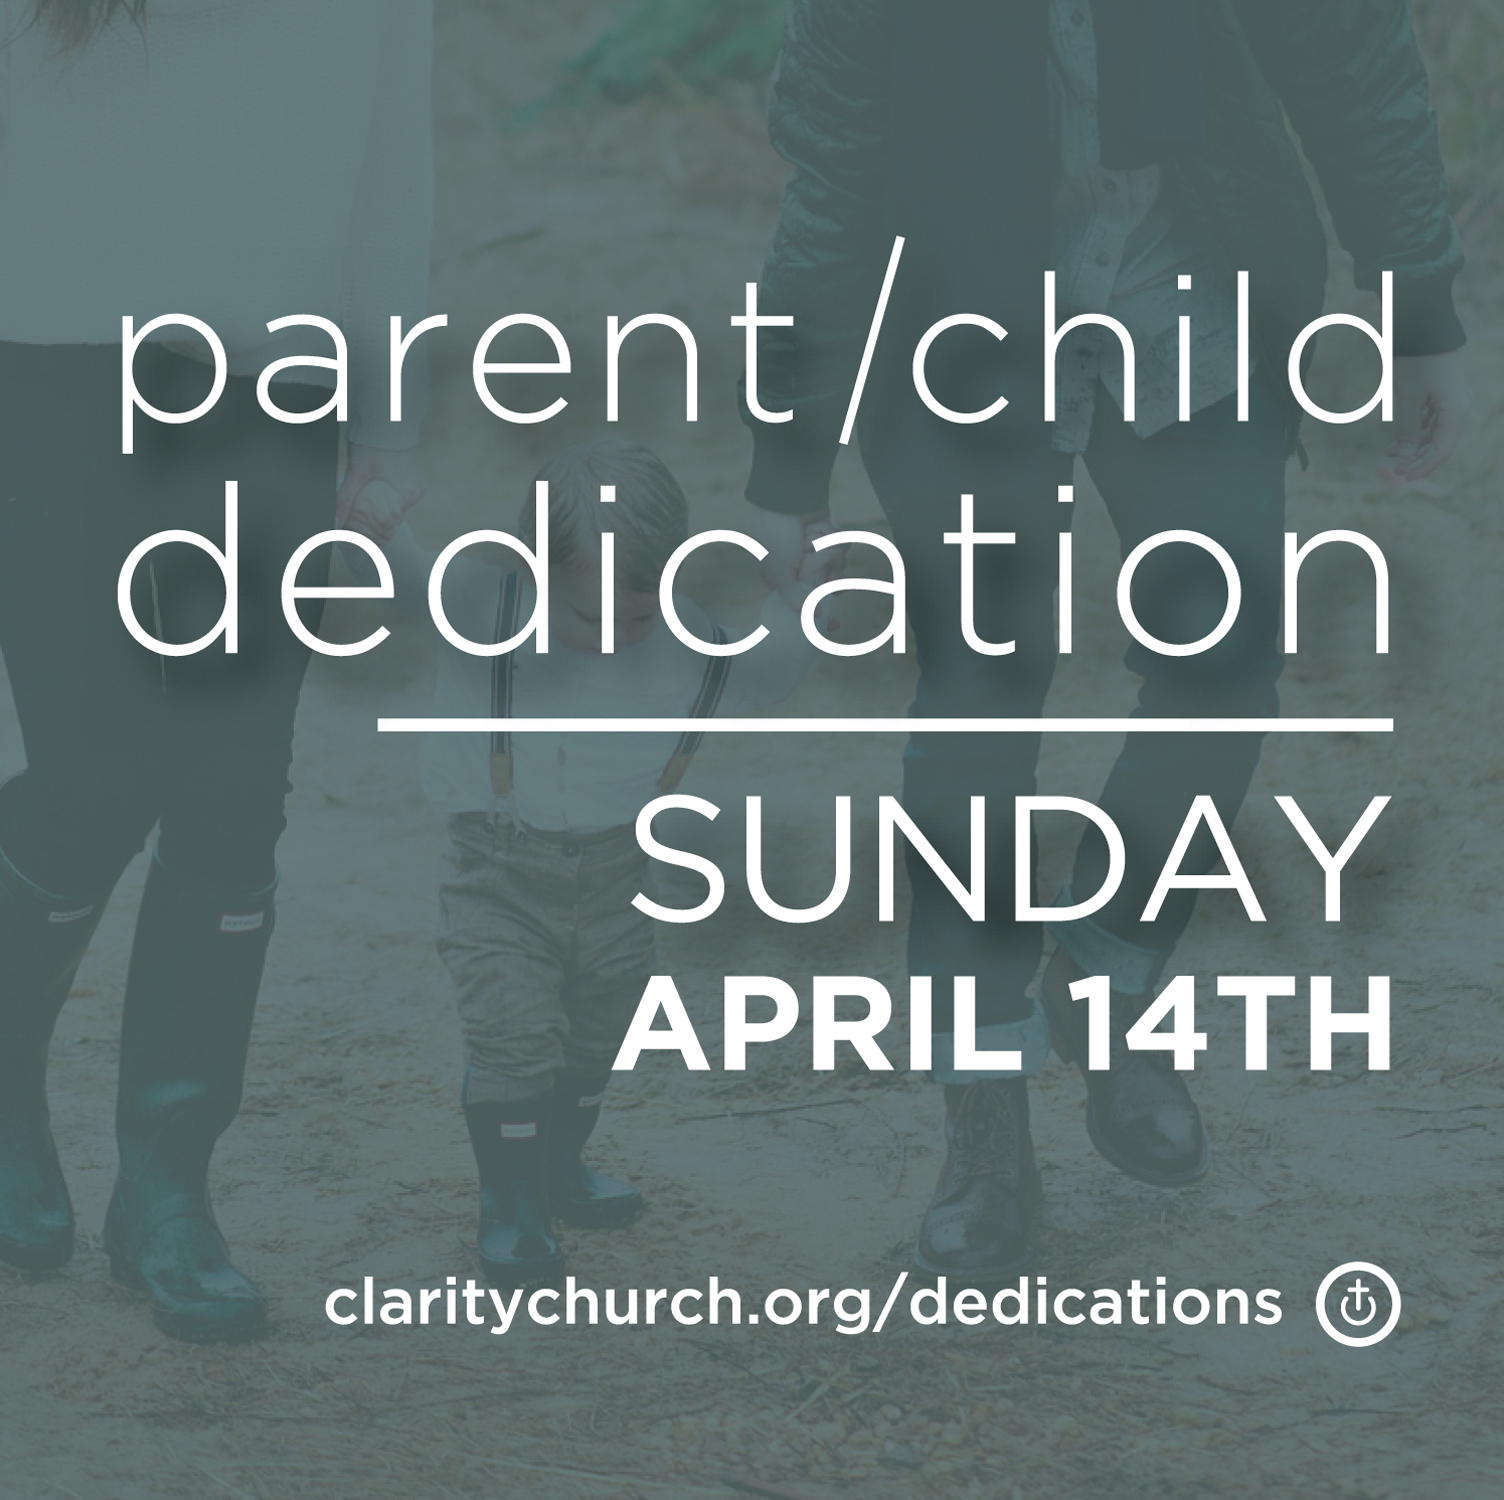 brooklyn-park-mm-child-dedication-church.jpg